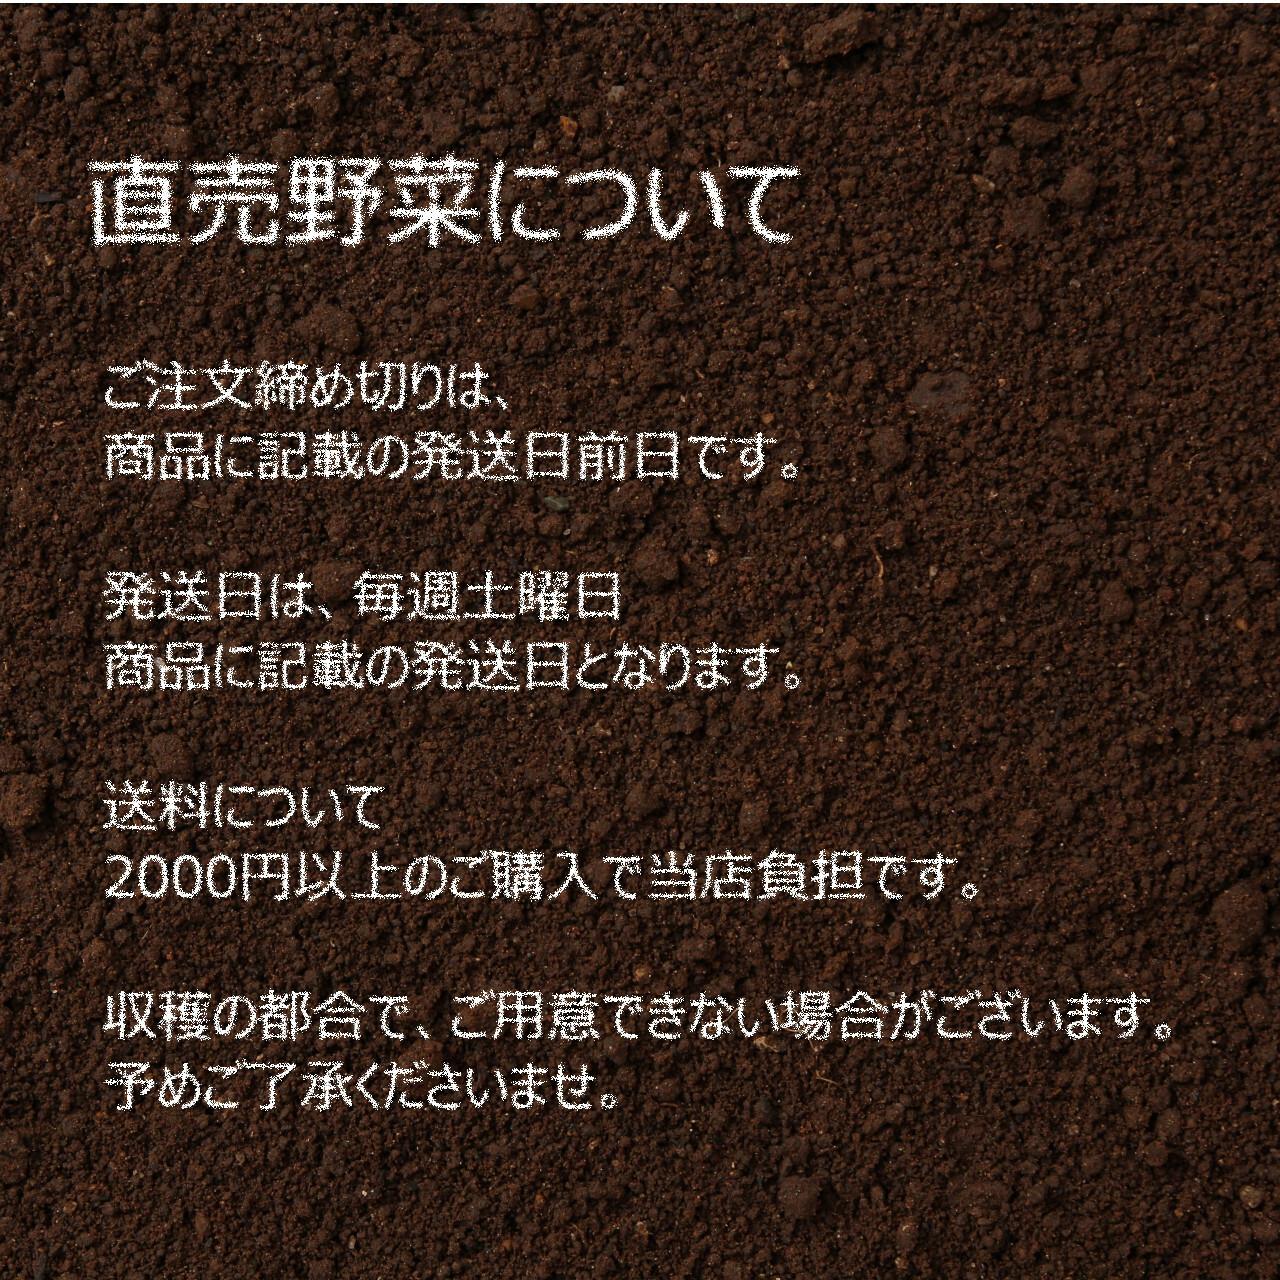 新鮮な秋野菜 : 里芋 約400g 10月の朝採り直売野菜 10月19日発送予定